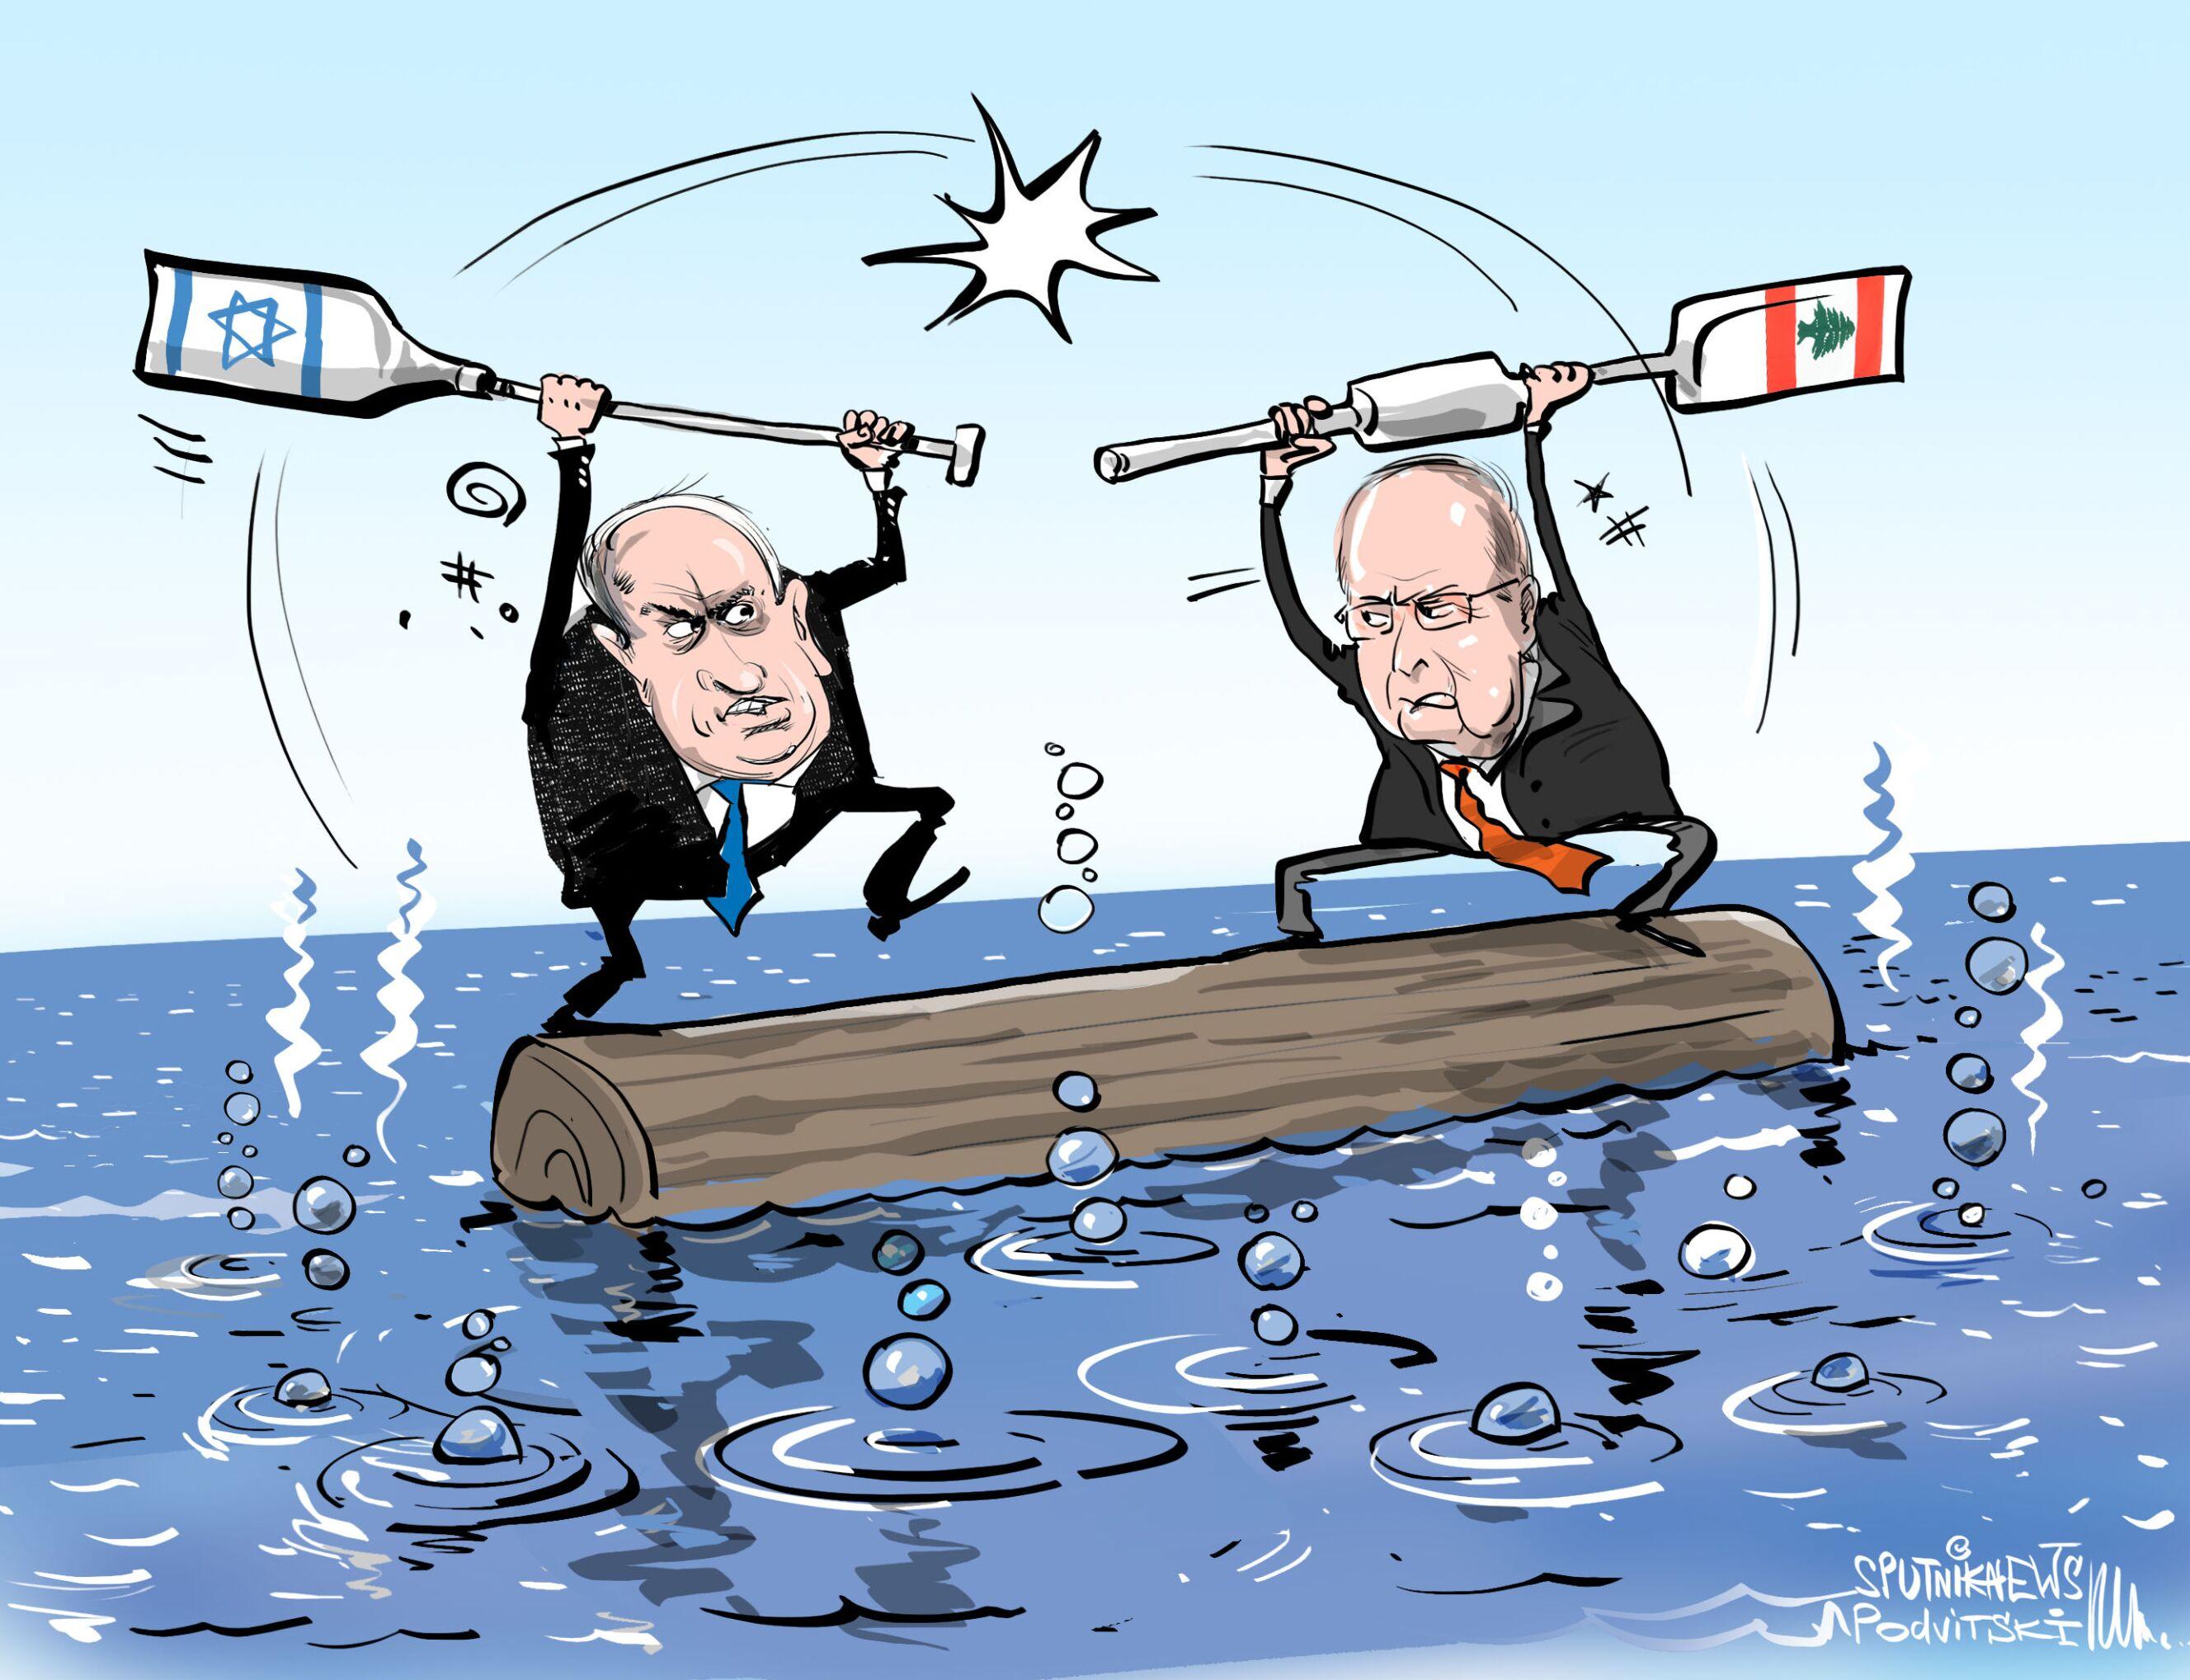 تنقيب إسرائيل عن الغاز... إعلان حرب أم محاولة لجر لبنان لمفاوضات جديدة؟